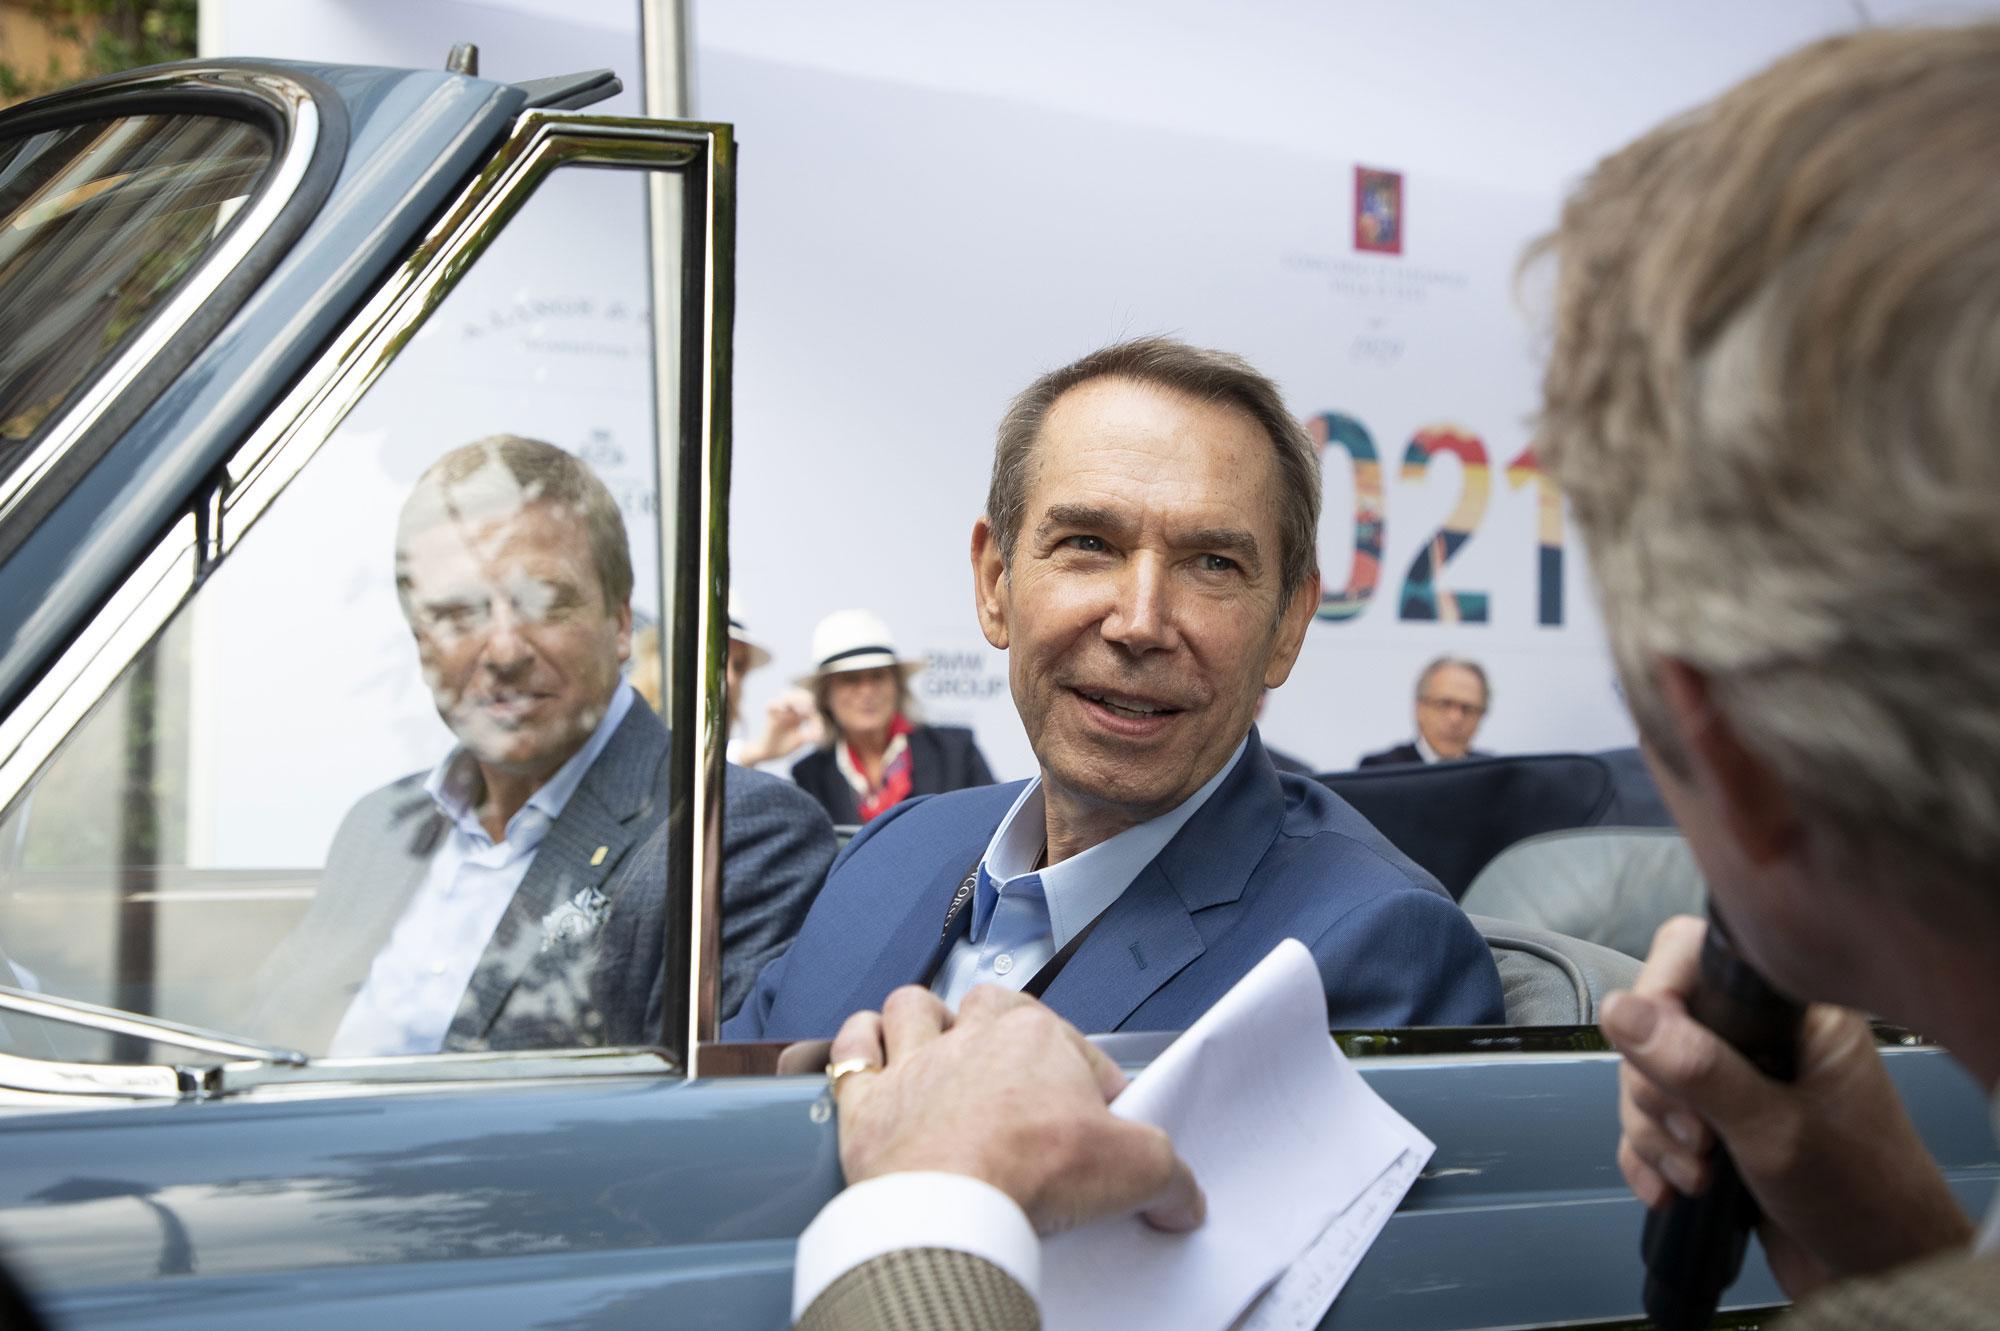 modello di Rolls-Royce Boat Tail svelato sabato 2 ottobre e l'artista americano Jeff Koons ospite d'onore di questa edizione